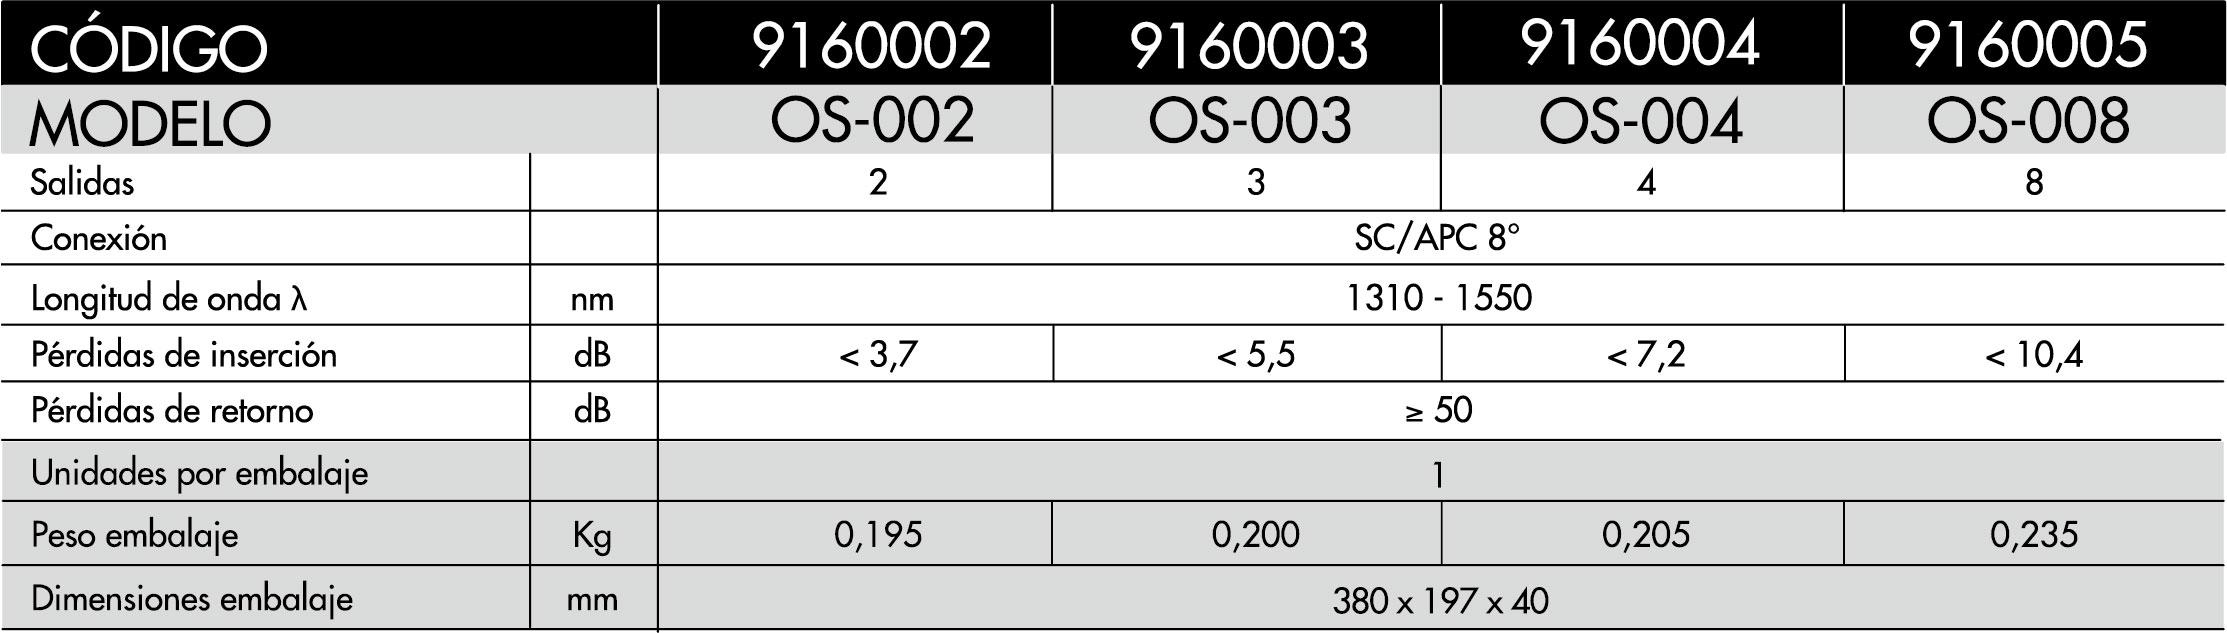 9160005-tablaES.jpg